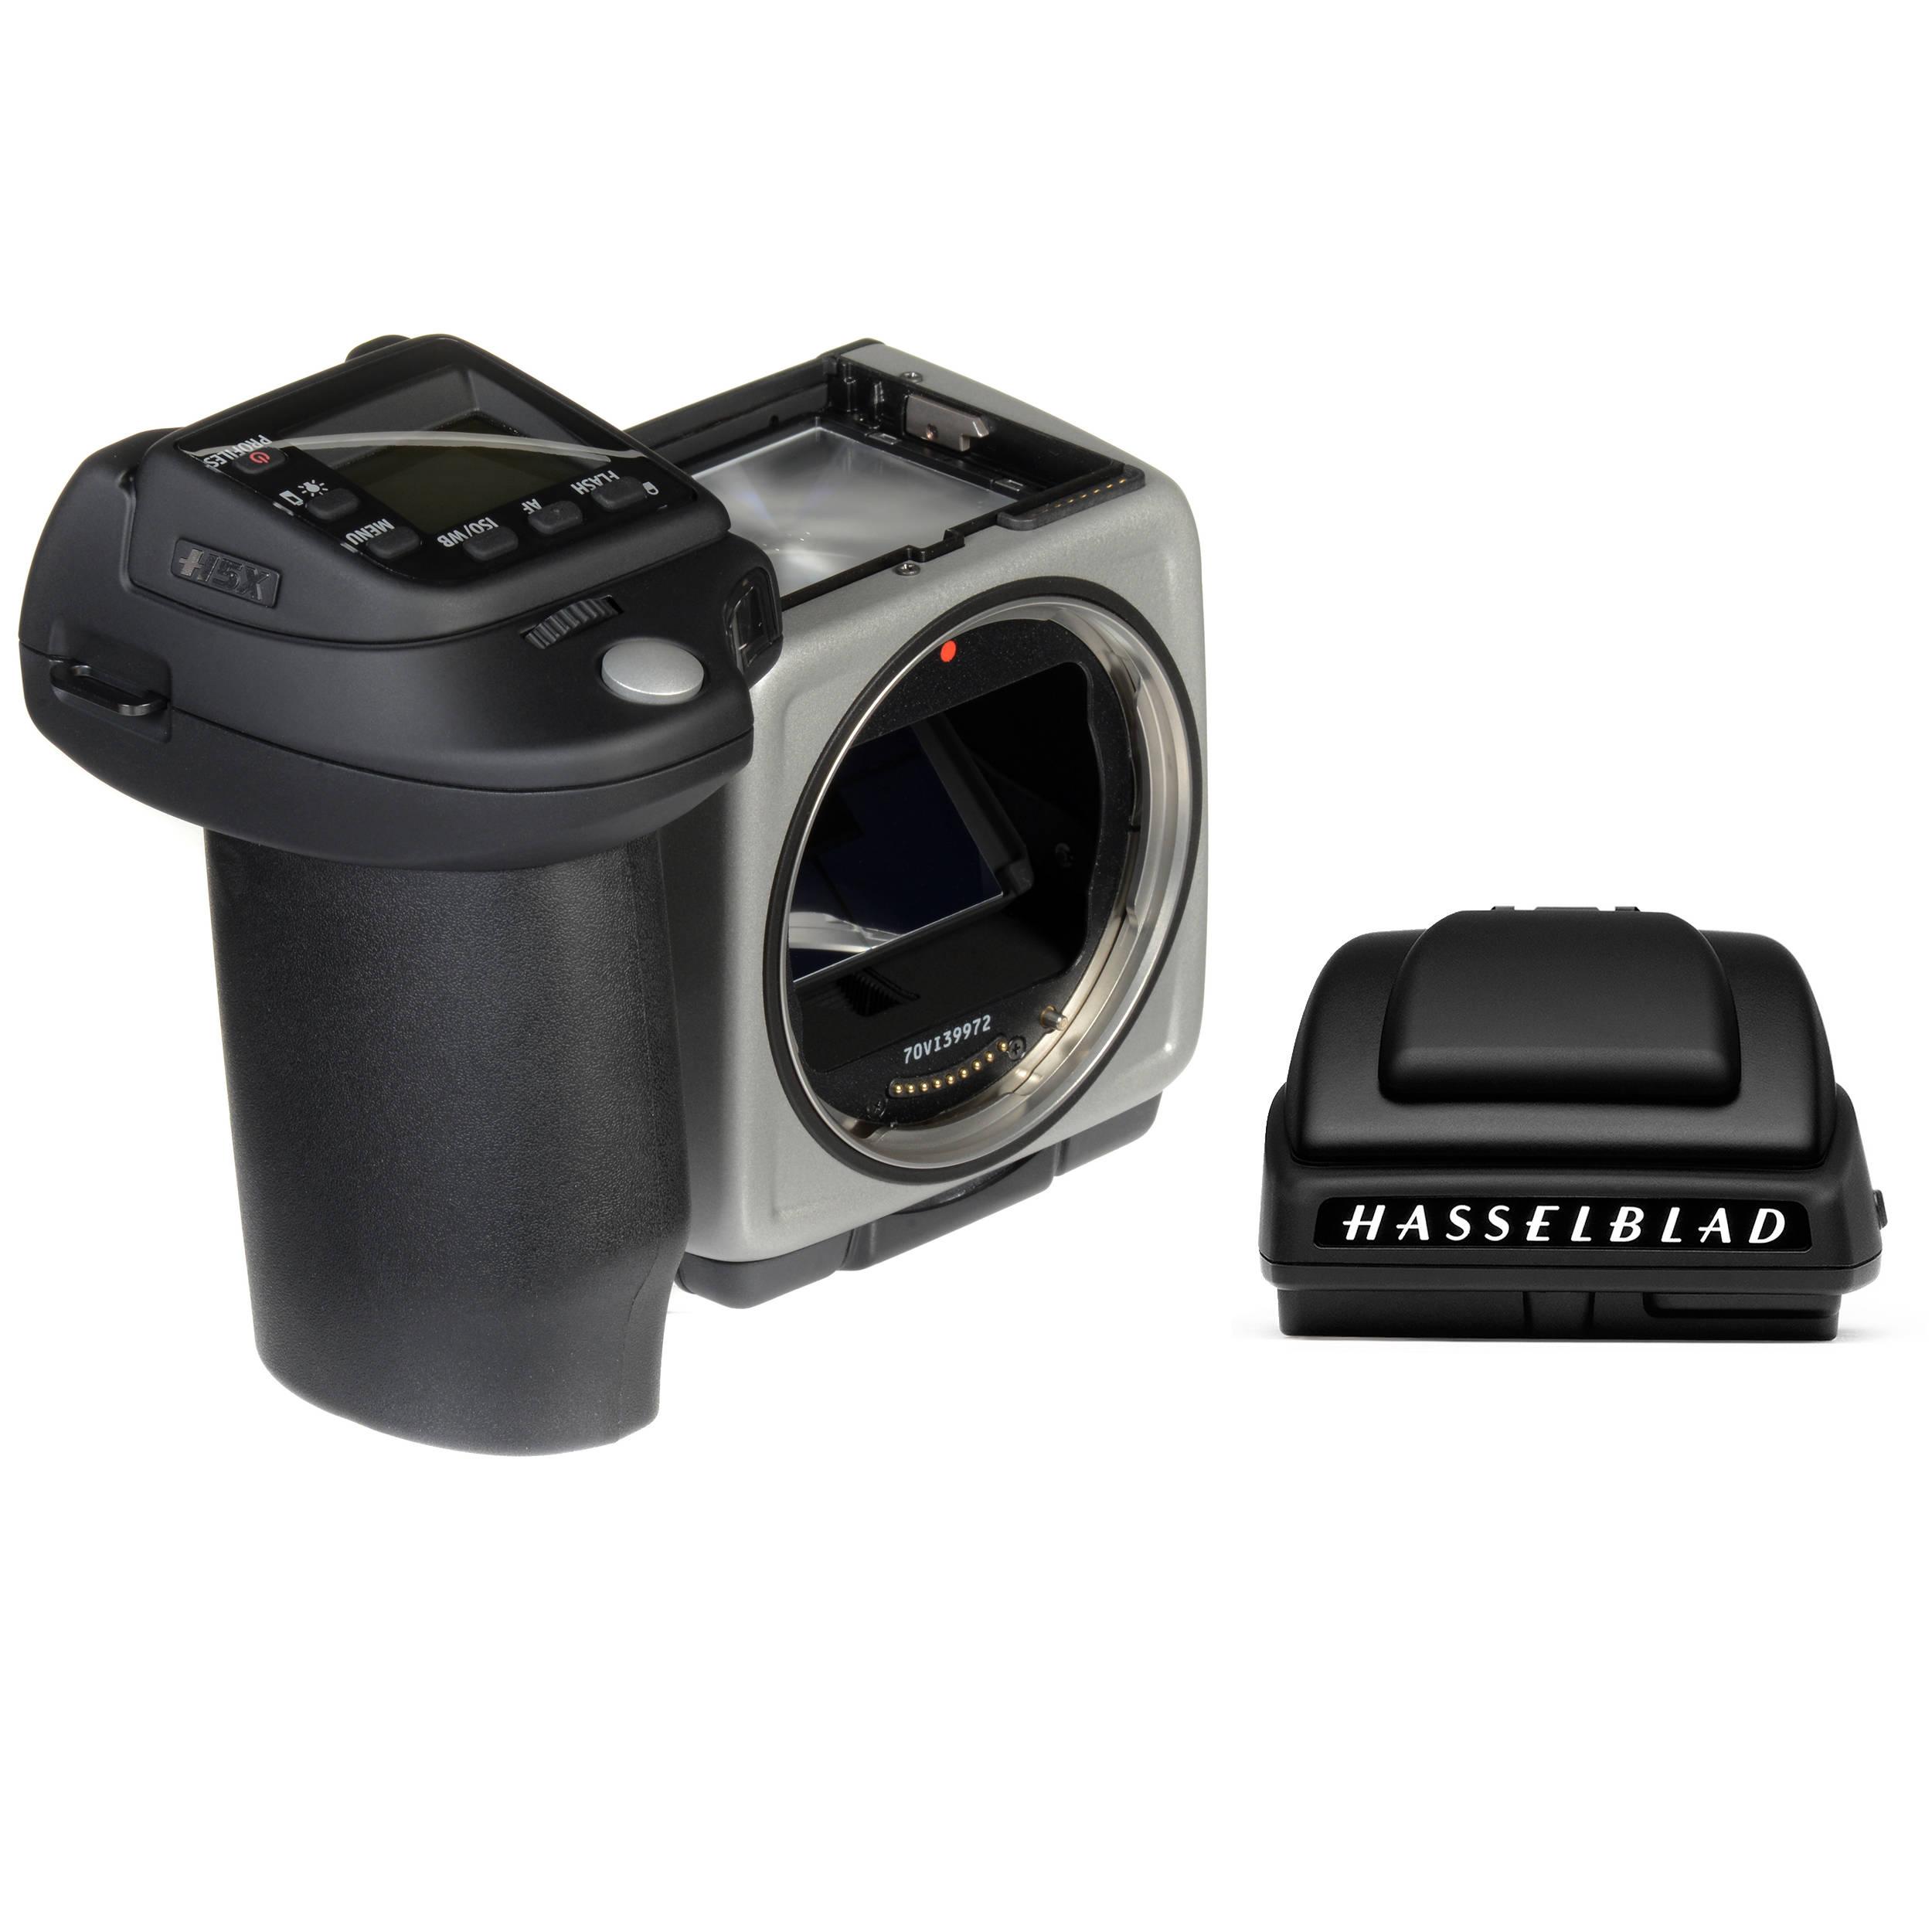 Hasselblad H3DII-22 Multi-Shot Camera Body Mac